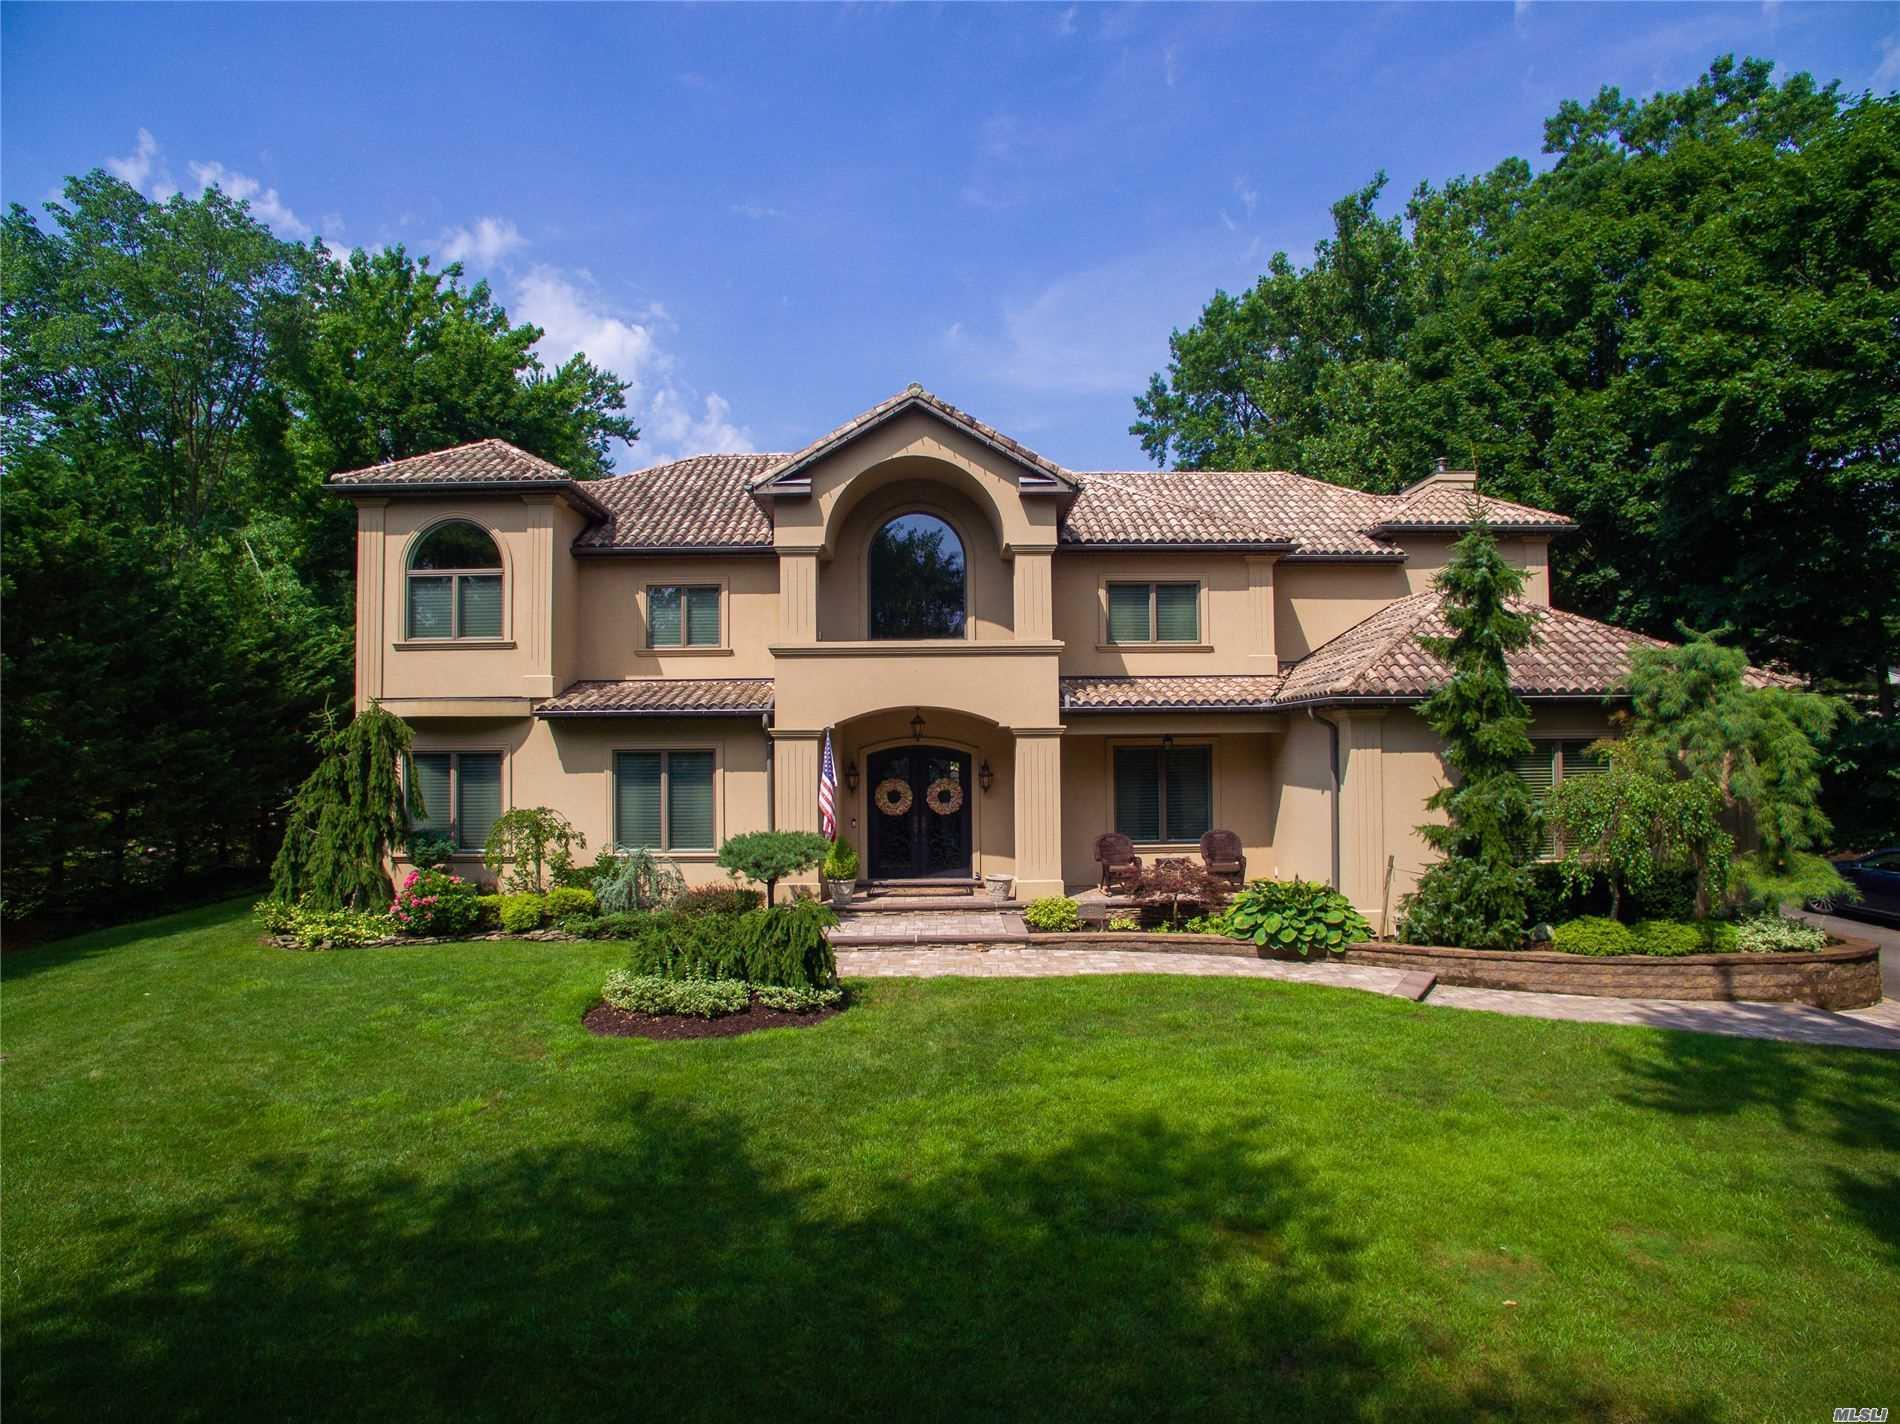 21 Artisan Avenue, Huntington, NY 11743 - MLS#3238533 - Lucky to Live Here Realty - Lucky to Live Here Realty